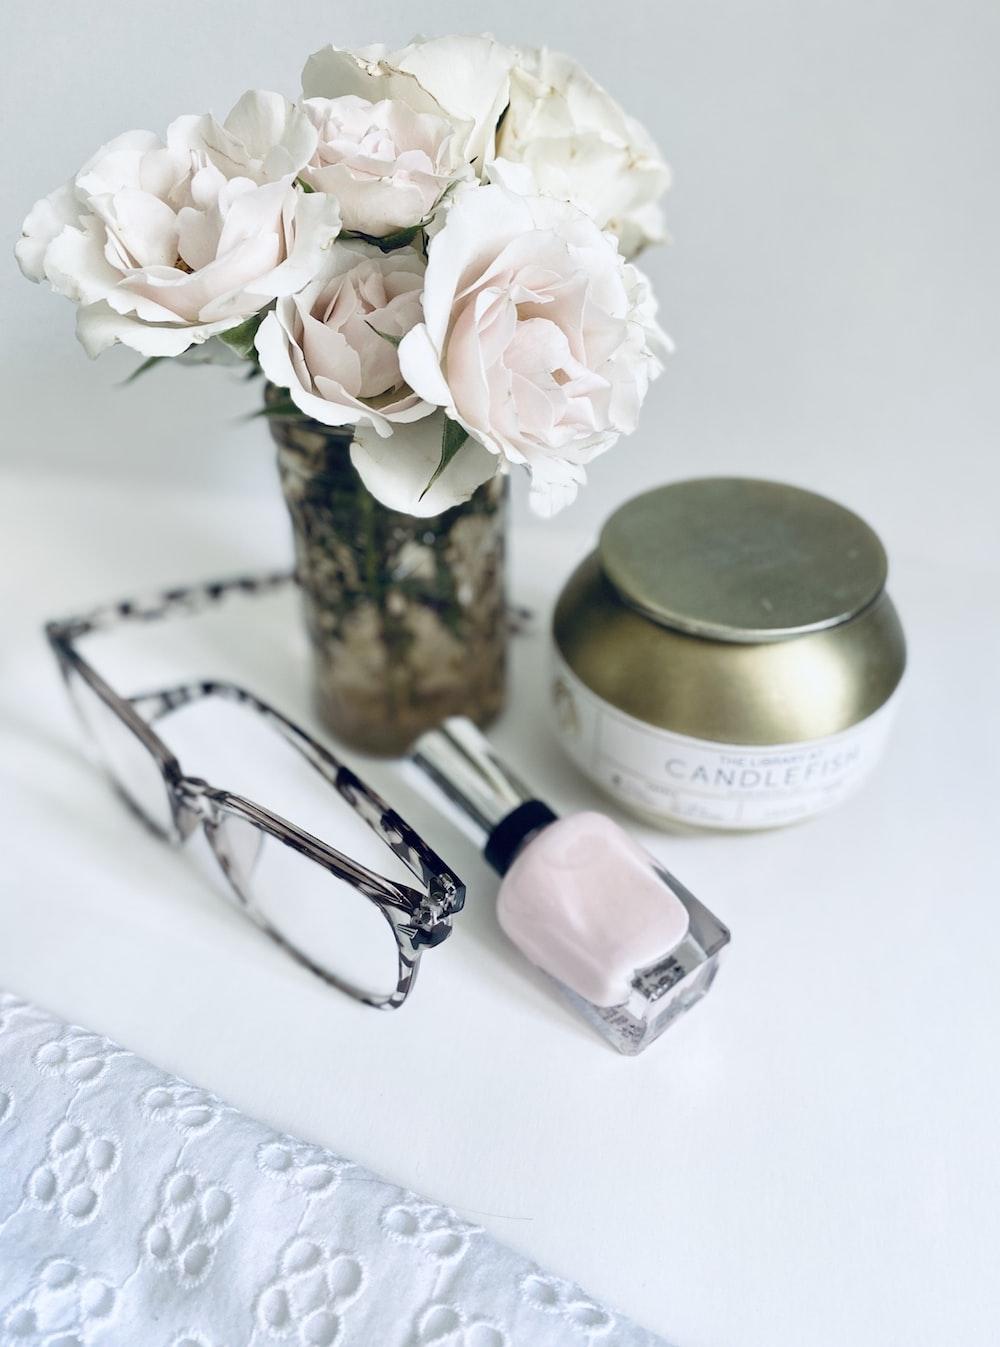 white flowers beside black framed eyeglasses and black framed eyeglasses